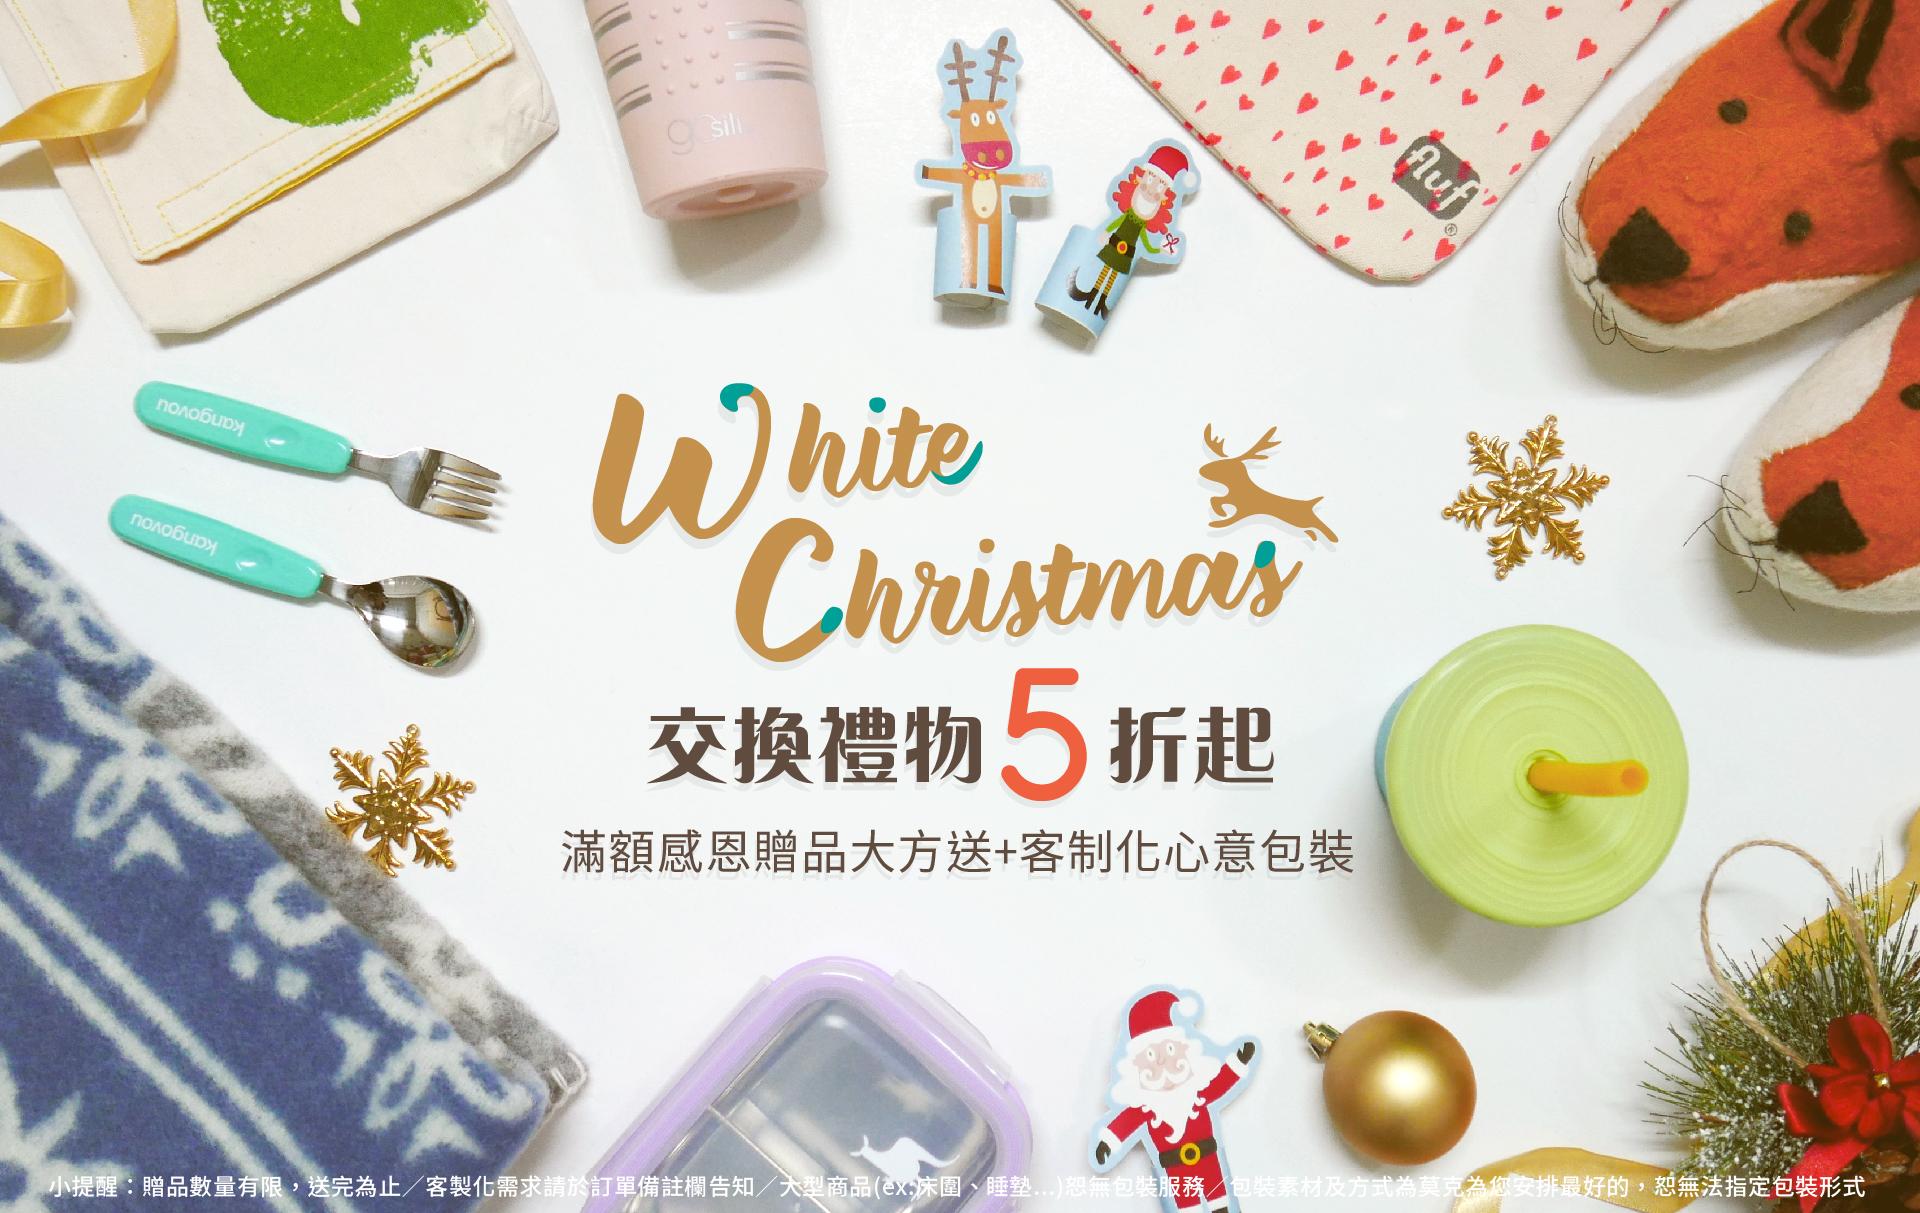 交換禮物,聖誕節,紙玩具,PUKACA,小袋鼠餐具